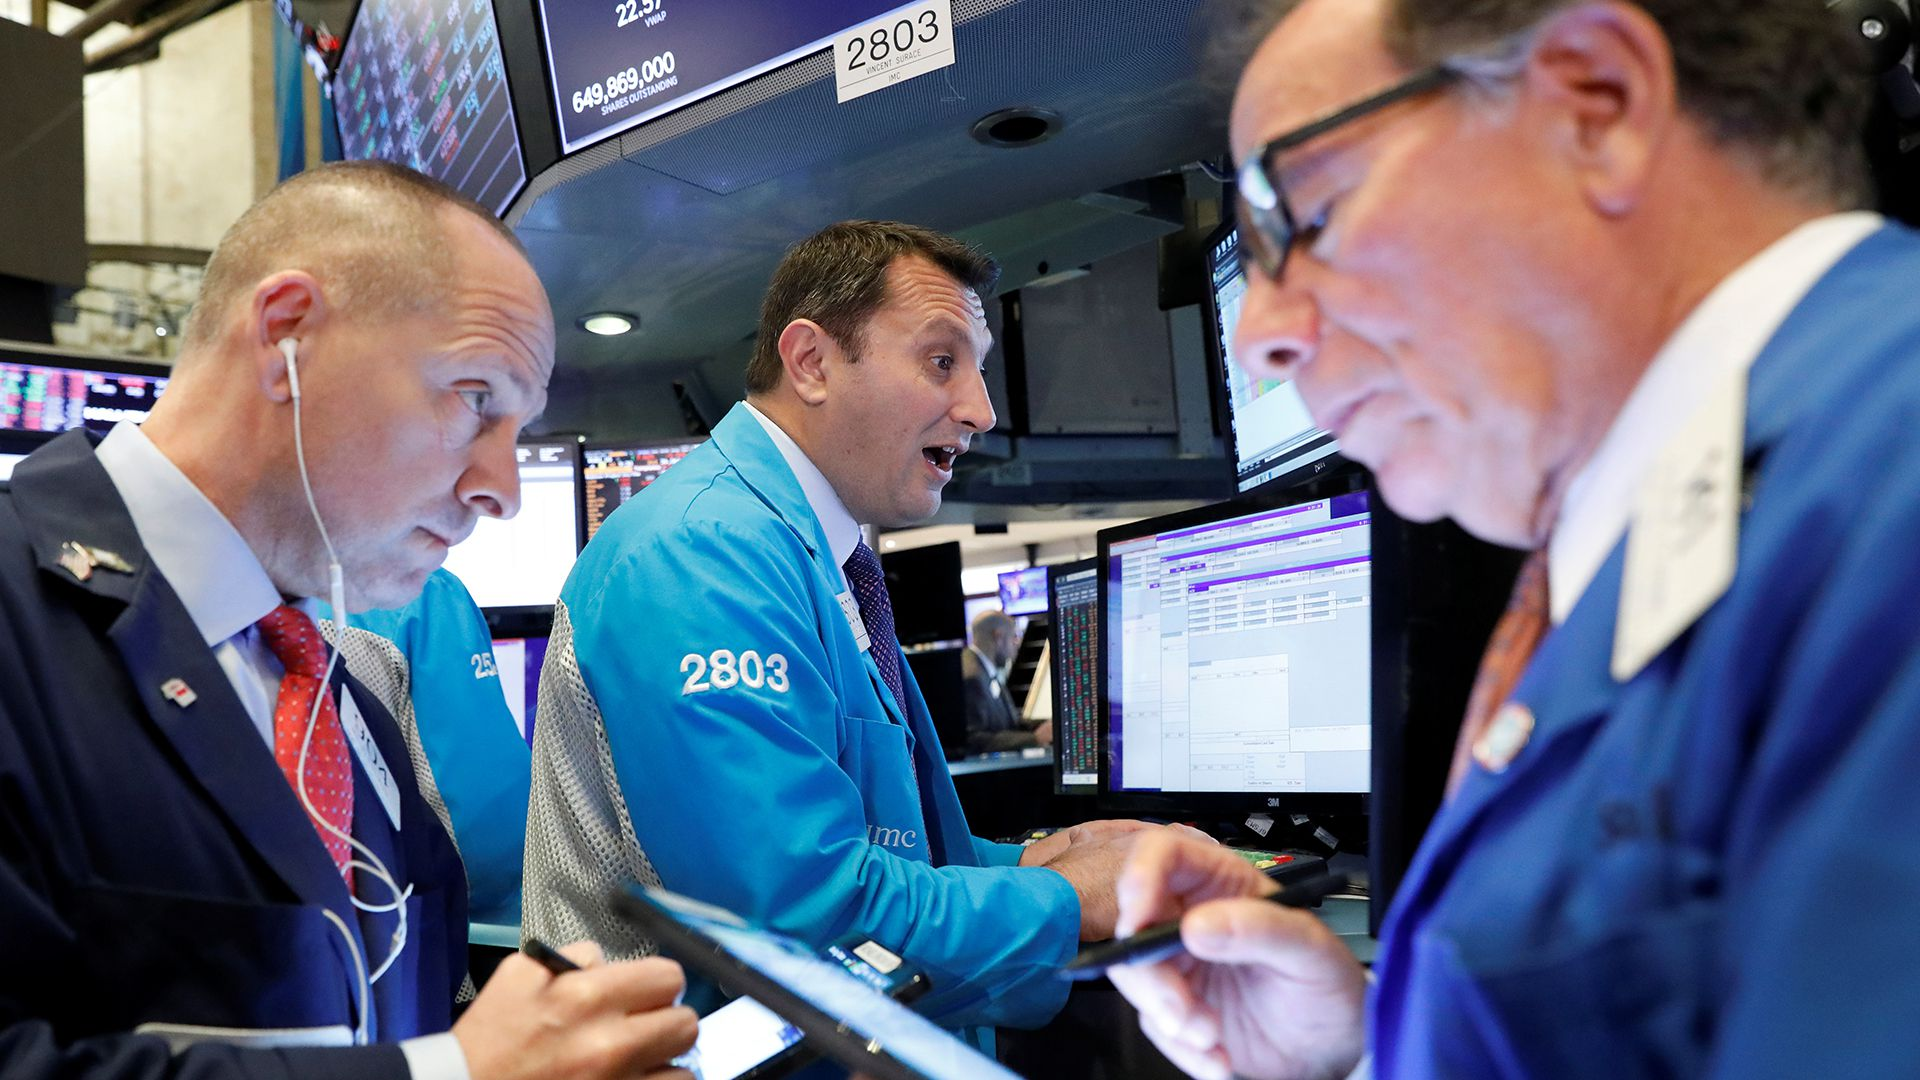 Imagen de archivo de operadores trabajando en el piso de la Bolsa de Valores de Nueva York (NYSE), EEUU, Noviembre 18, 2019. REUTERS/Brendan McDermid